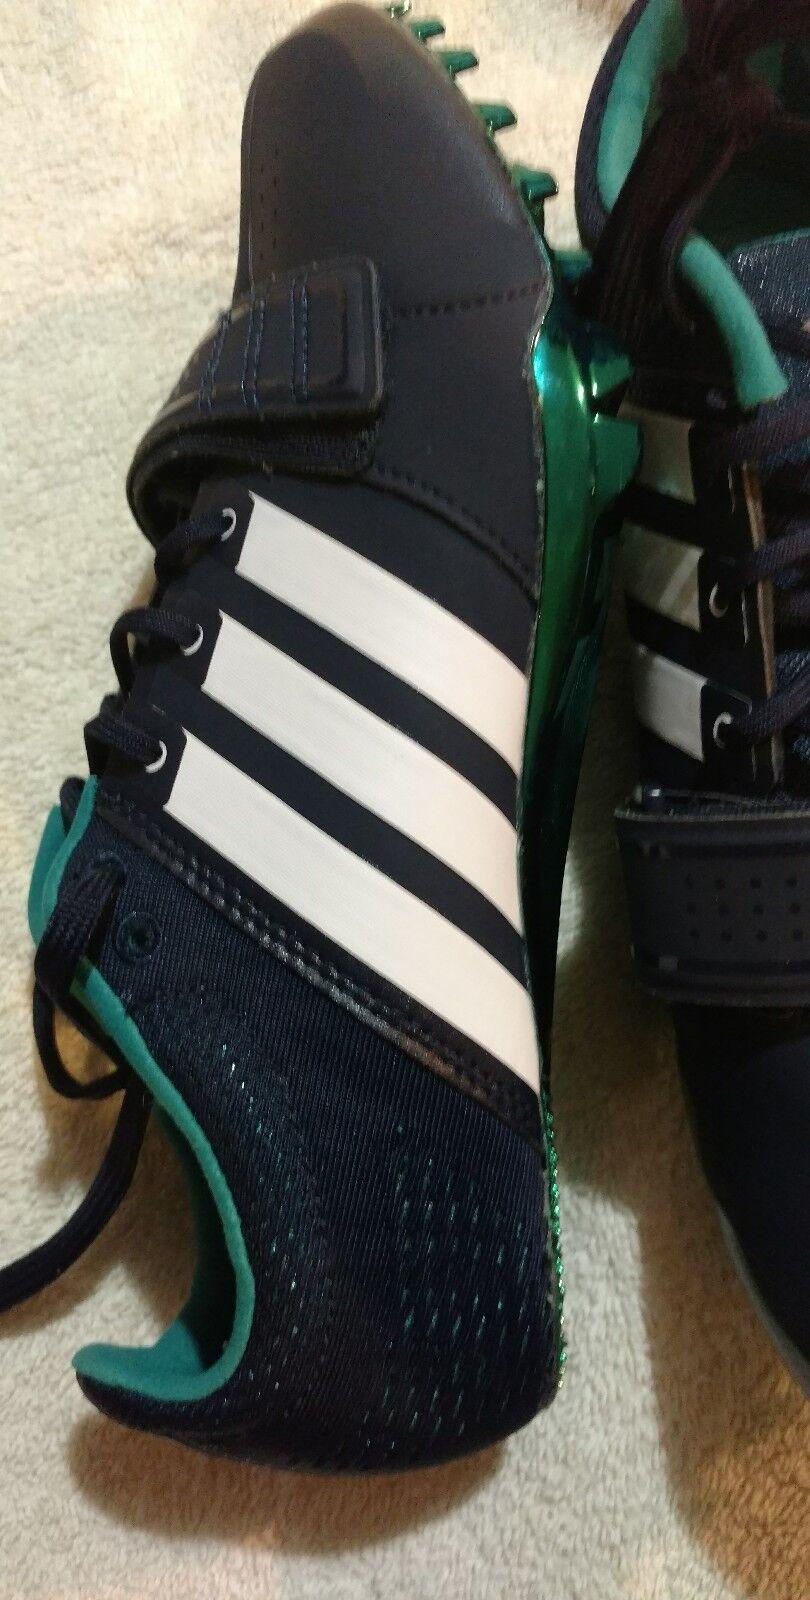 Adidas adizero prime accelerator blau / weiß sprint track 10,5 spikes mens 10,5 track e9f9e3